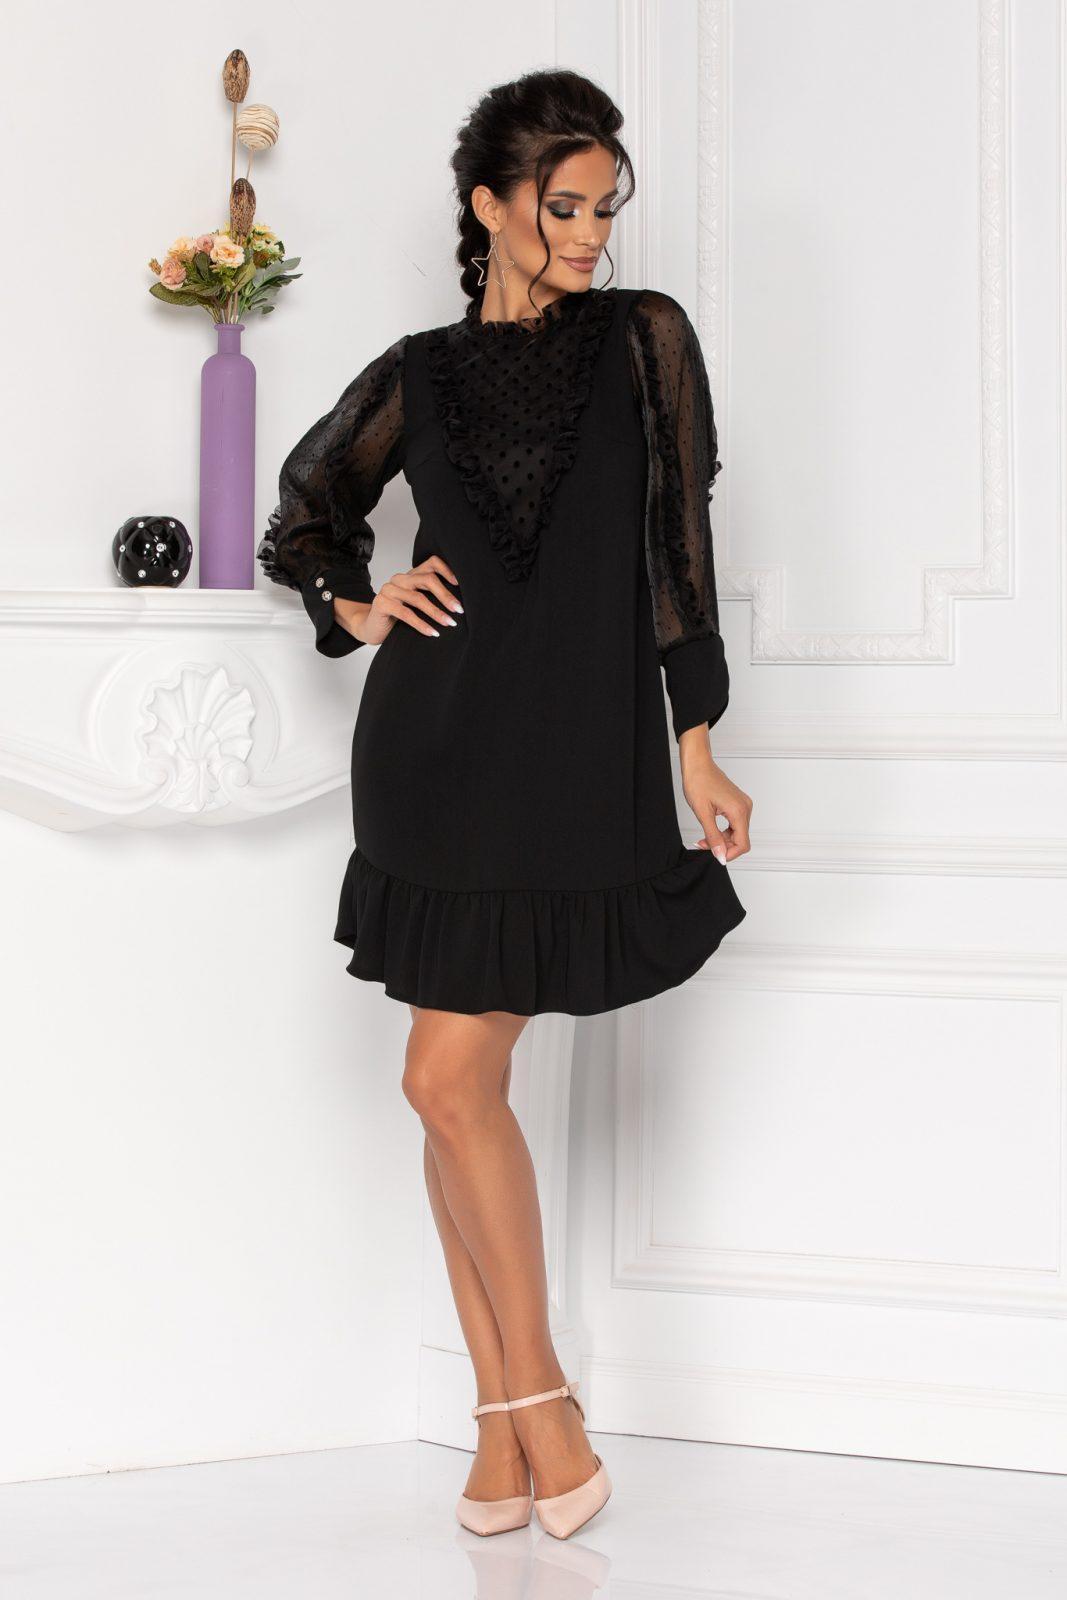 Μαύρο Βραδινό Φόρεμα Με Βολάν Moze Lineea 8439